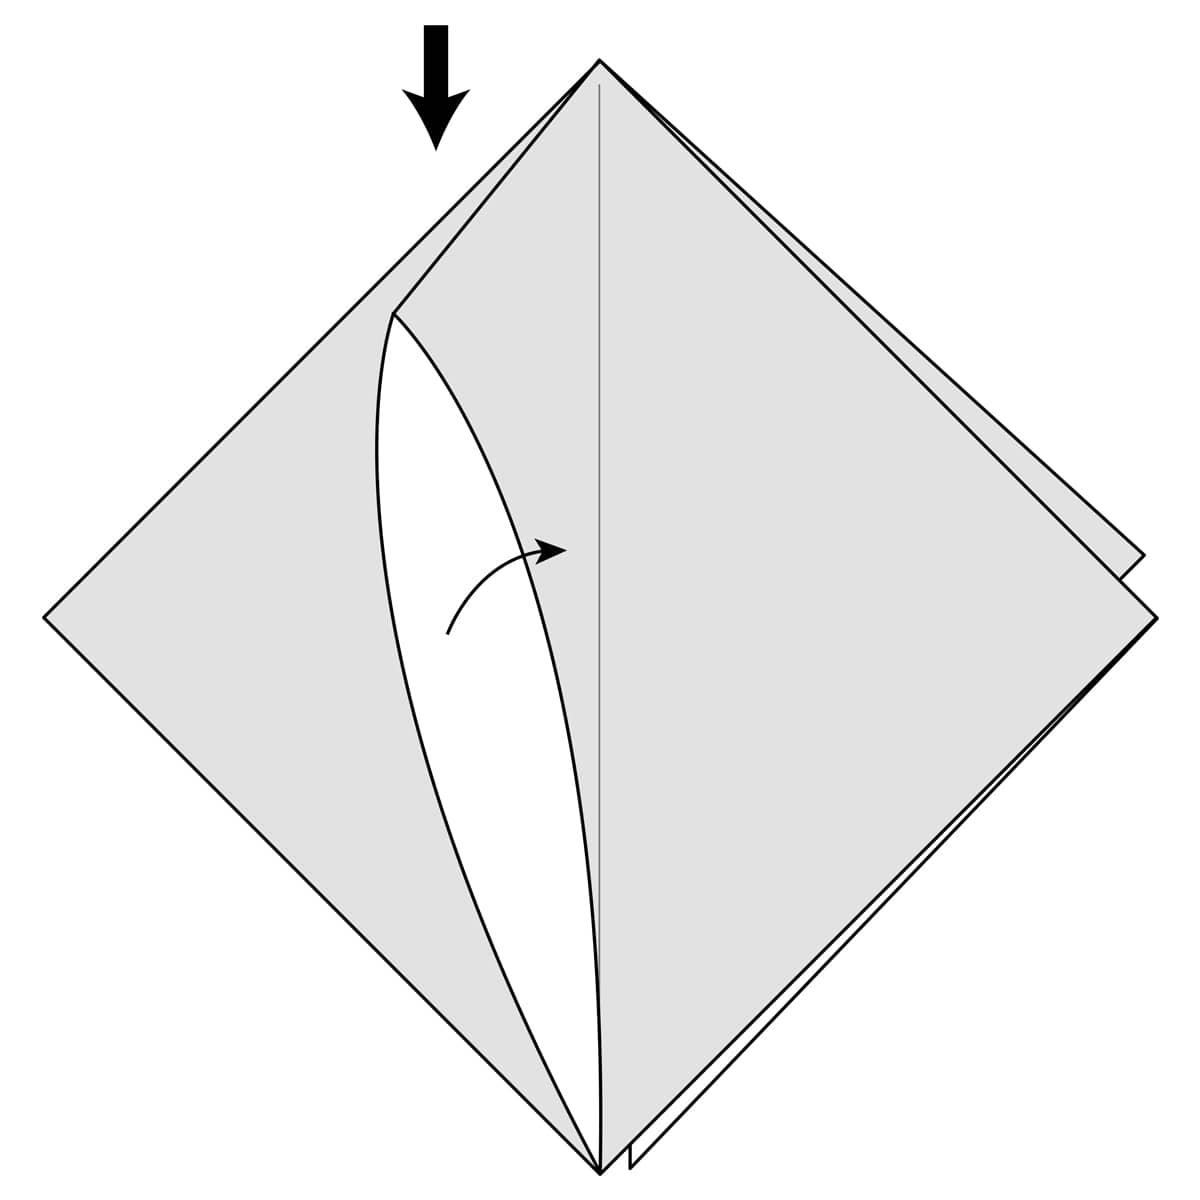 Squash Fold Step 2